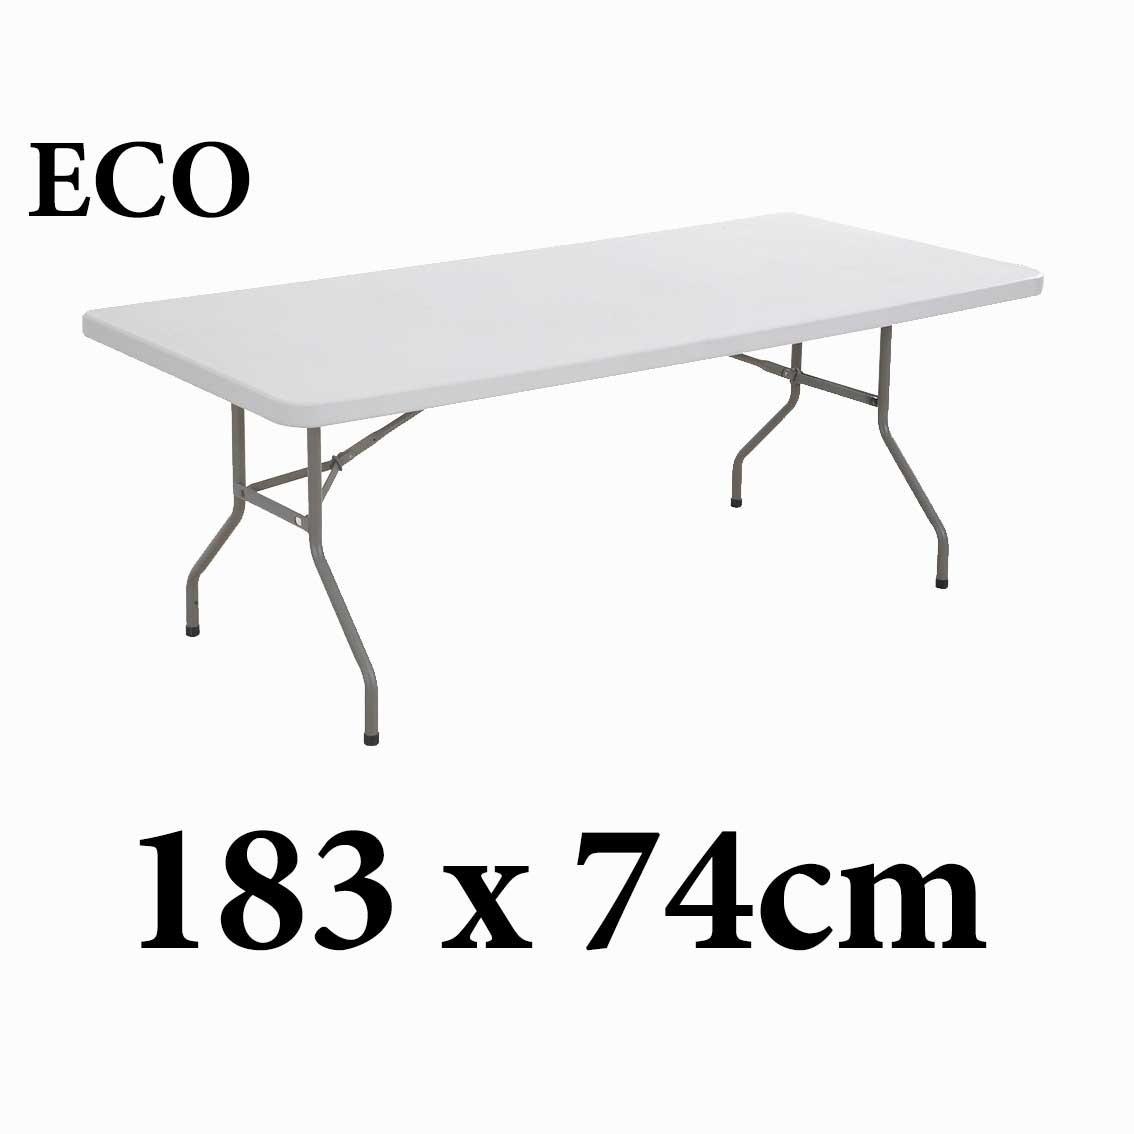 Πτυσσόμενο τραπέζι London Eco 183